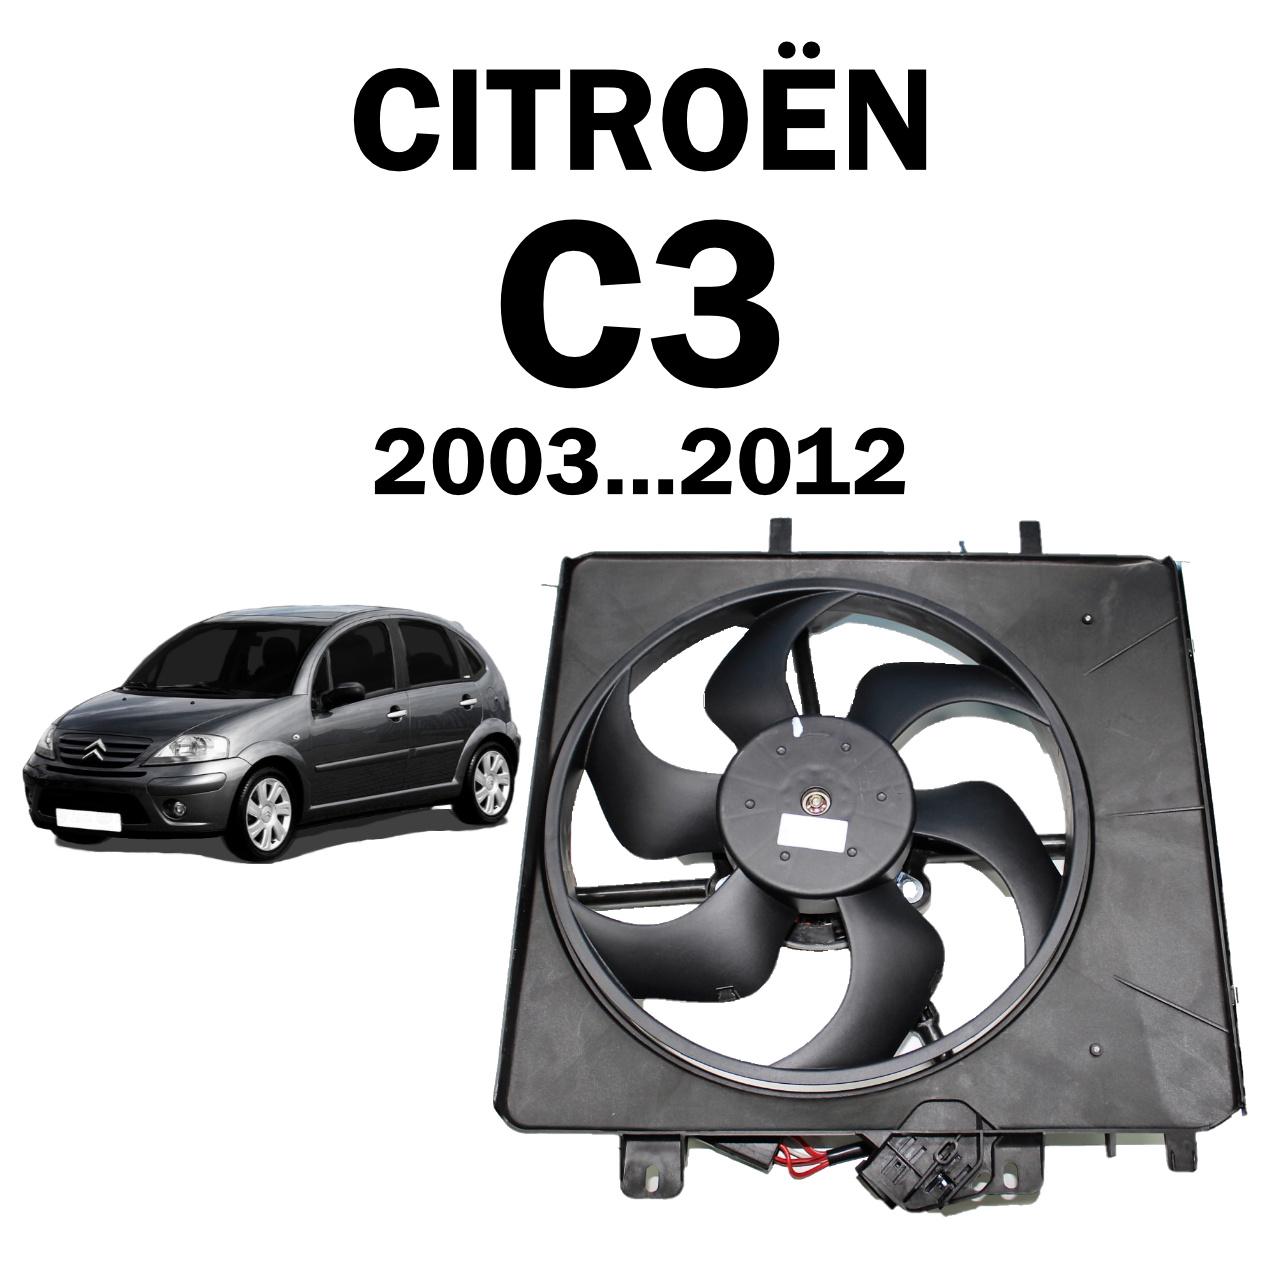 Eletroventilador Ventoinha Defletor Citroen C3 2003...2012 com Modulo